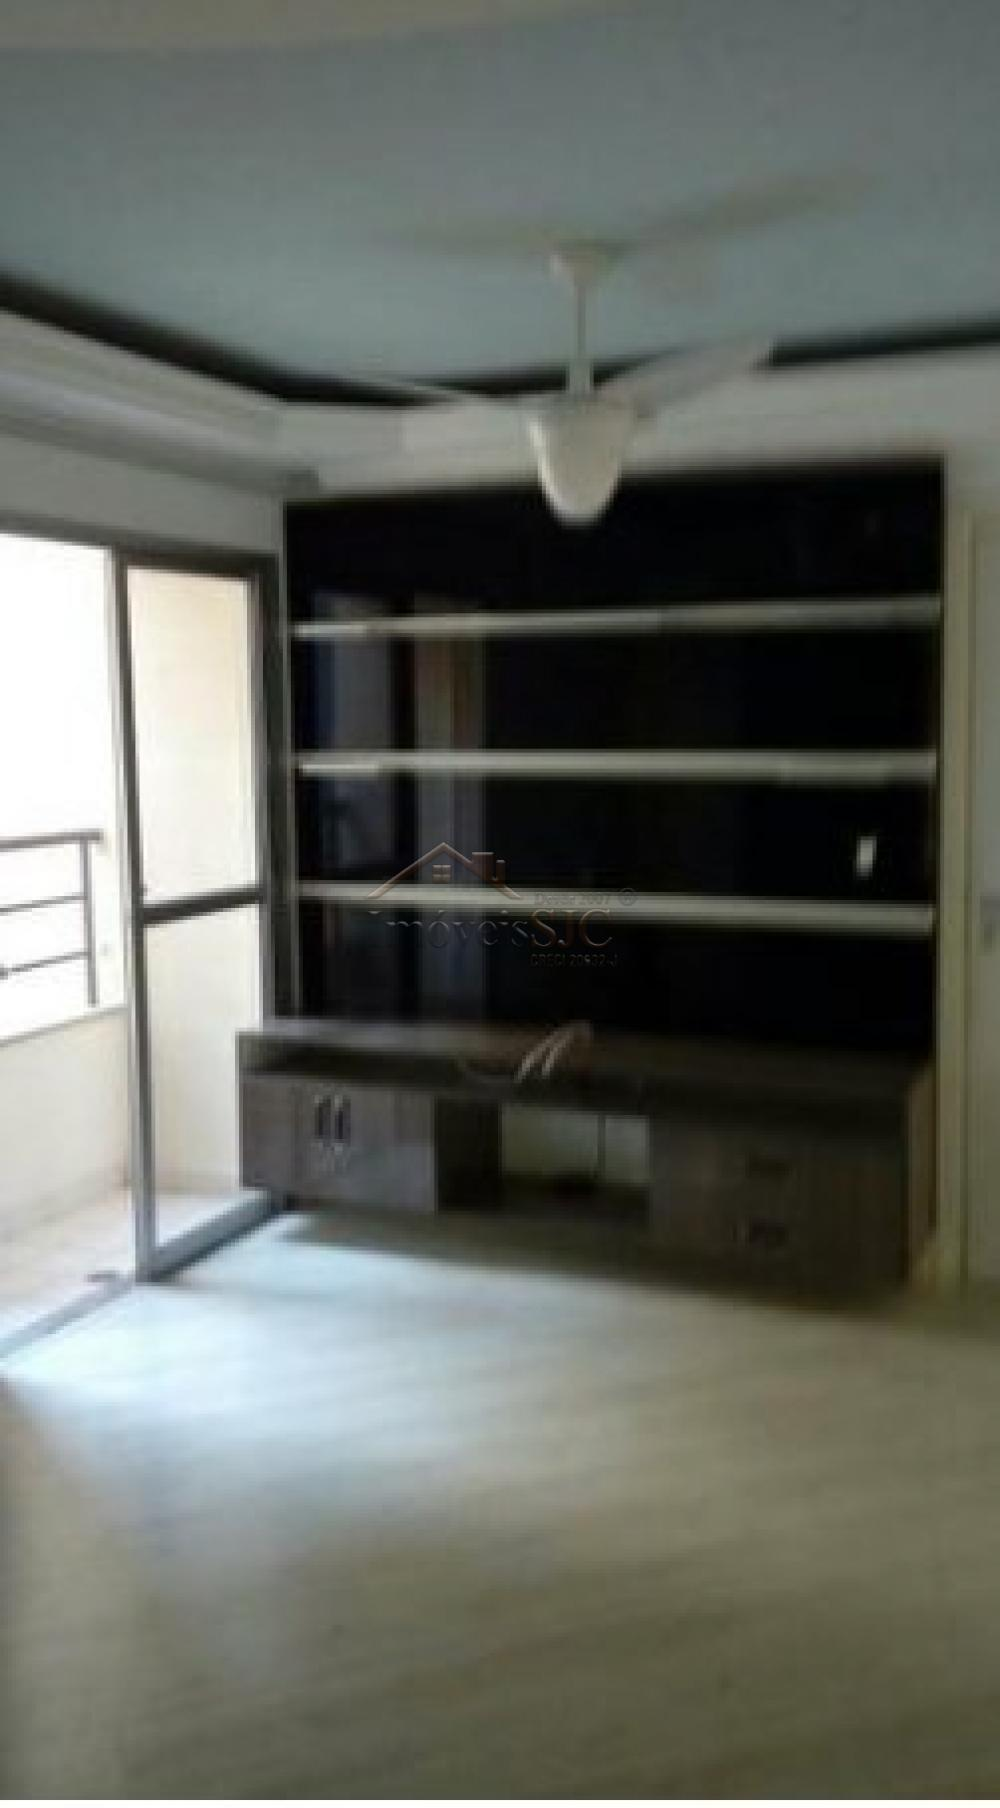 Comprar Apartamentos / Padrão em São José dos Campos apenas R$ 215.000,00 - Foto 2